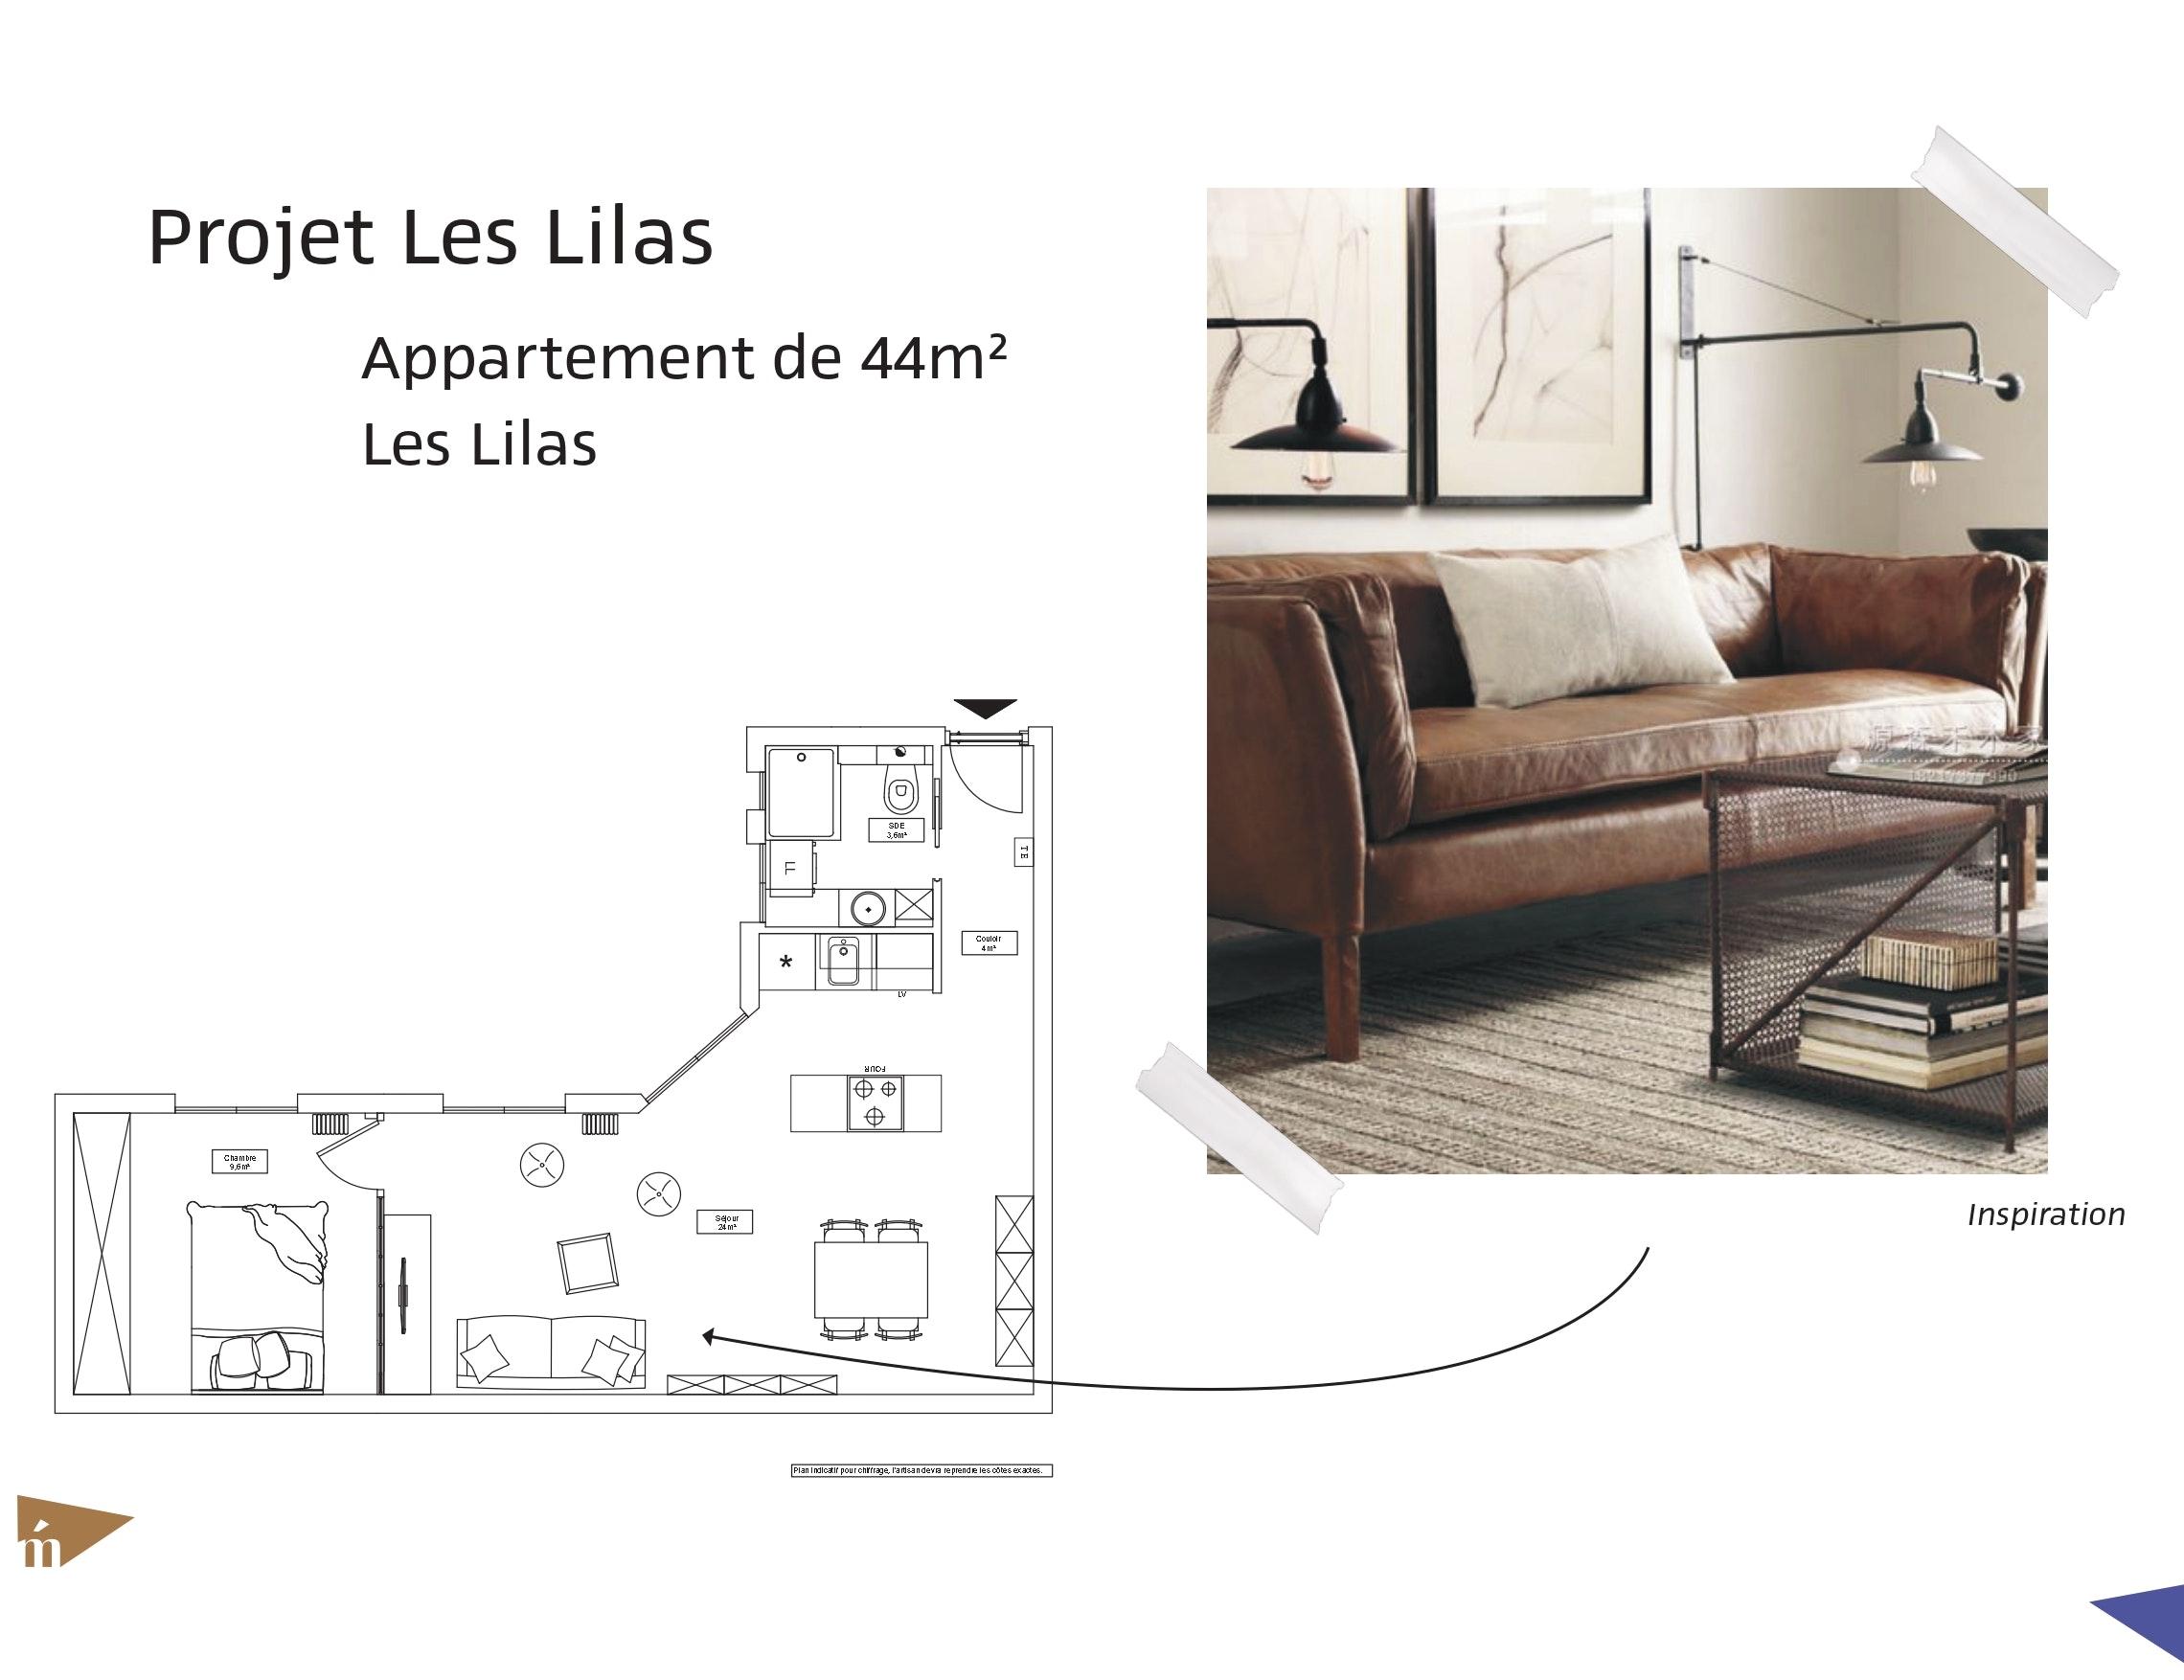 photo Projet les Lilas - T2 44 m² - Les Lilas Léa Mast - Architecte hemea